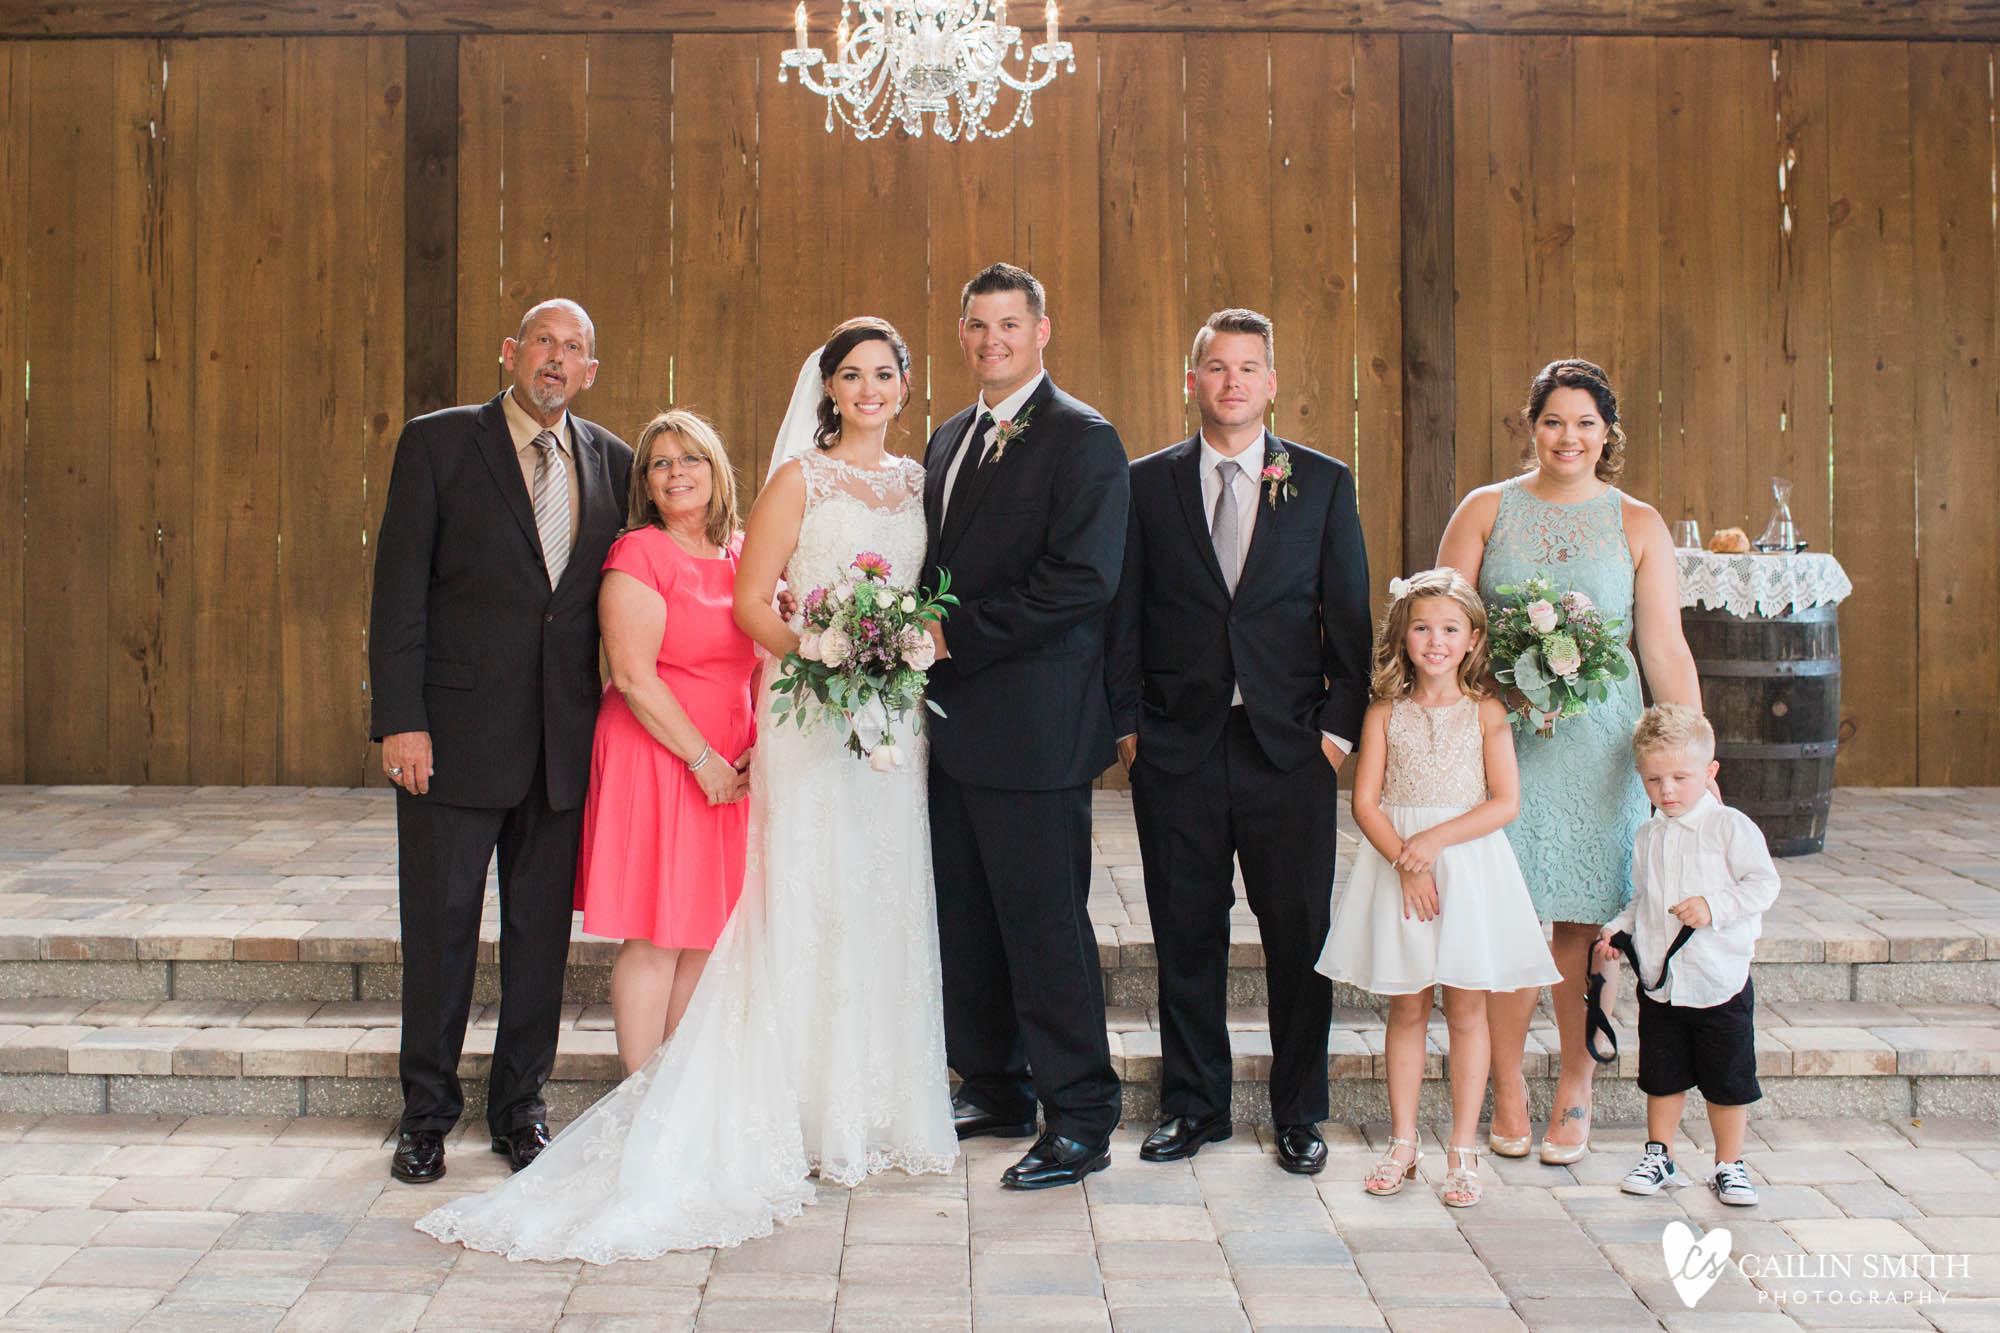 Bethany_Kyle_Bowing_Oaks_Plantation_Wedding_Photography_0079.jpg